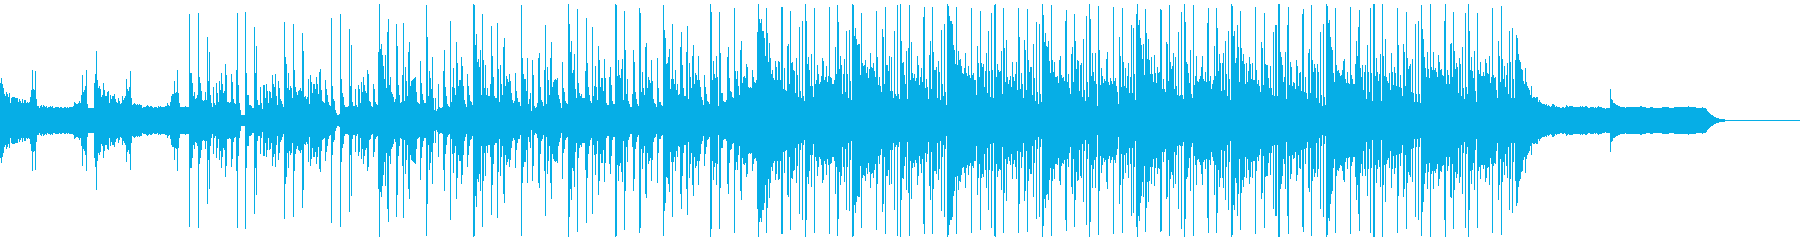 オーガニックエレクトロニカ CMジングルの再生済みの波形